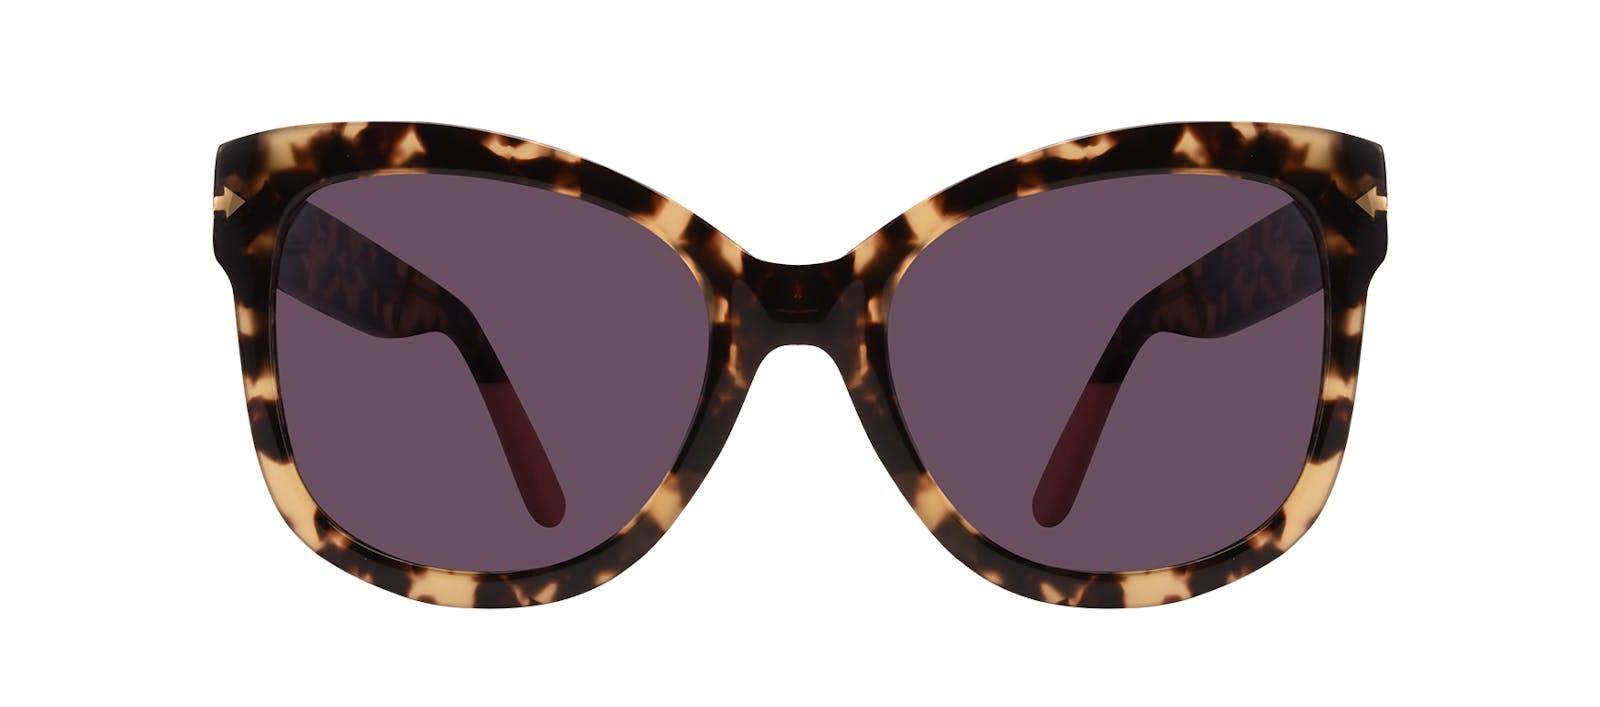 bda9f03409 Affordable Fashion Glasses Cat Eye Square Sunglasses Women Marlo Espresso  Front